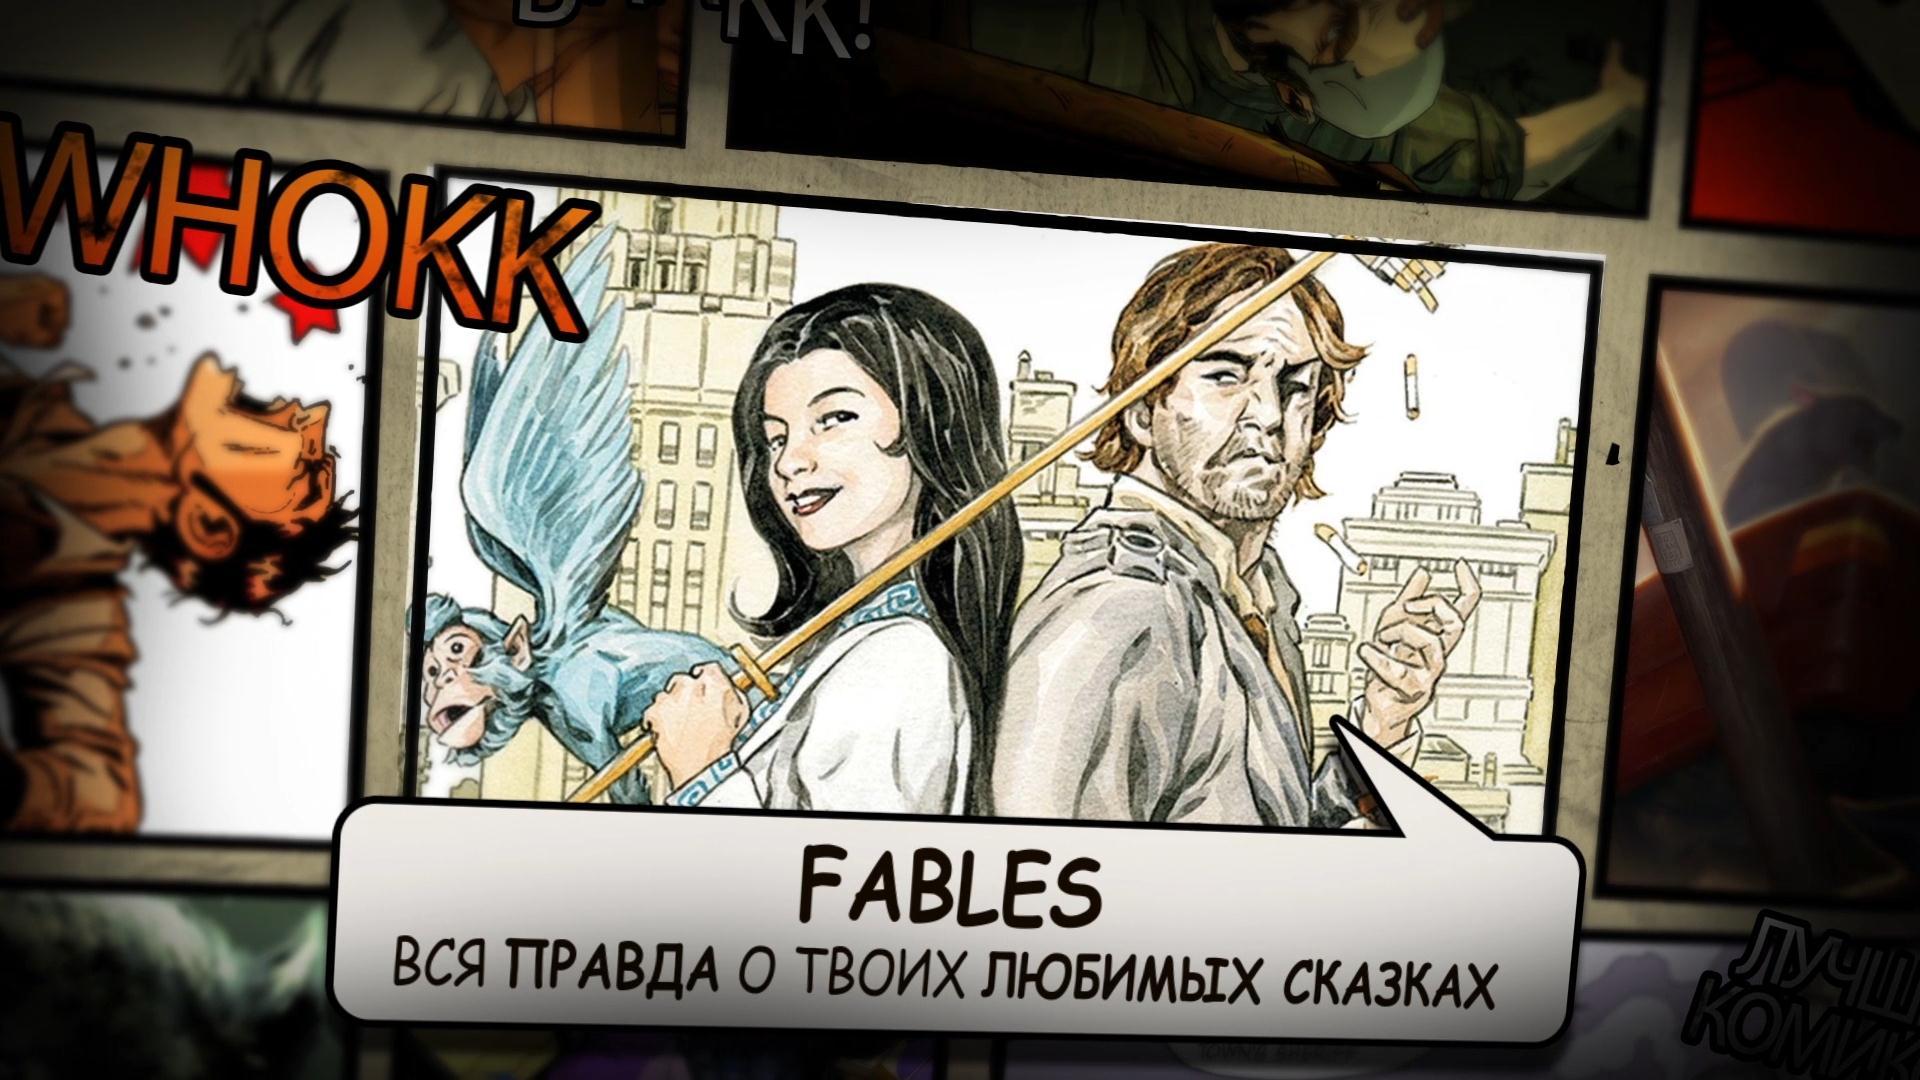 Лучшие комиксы #4 - Fables